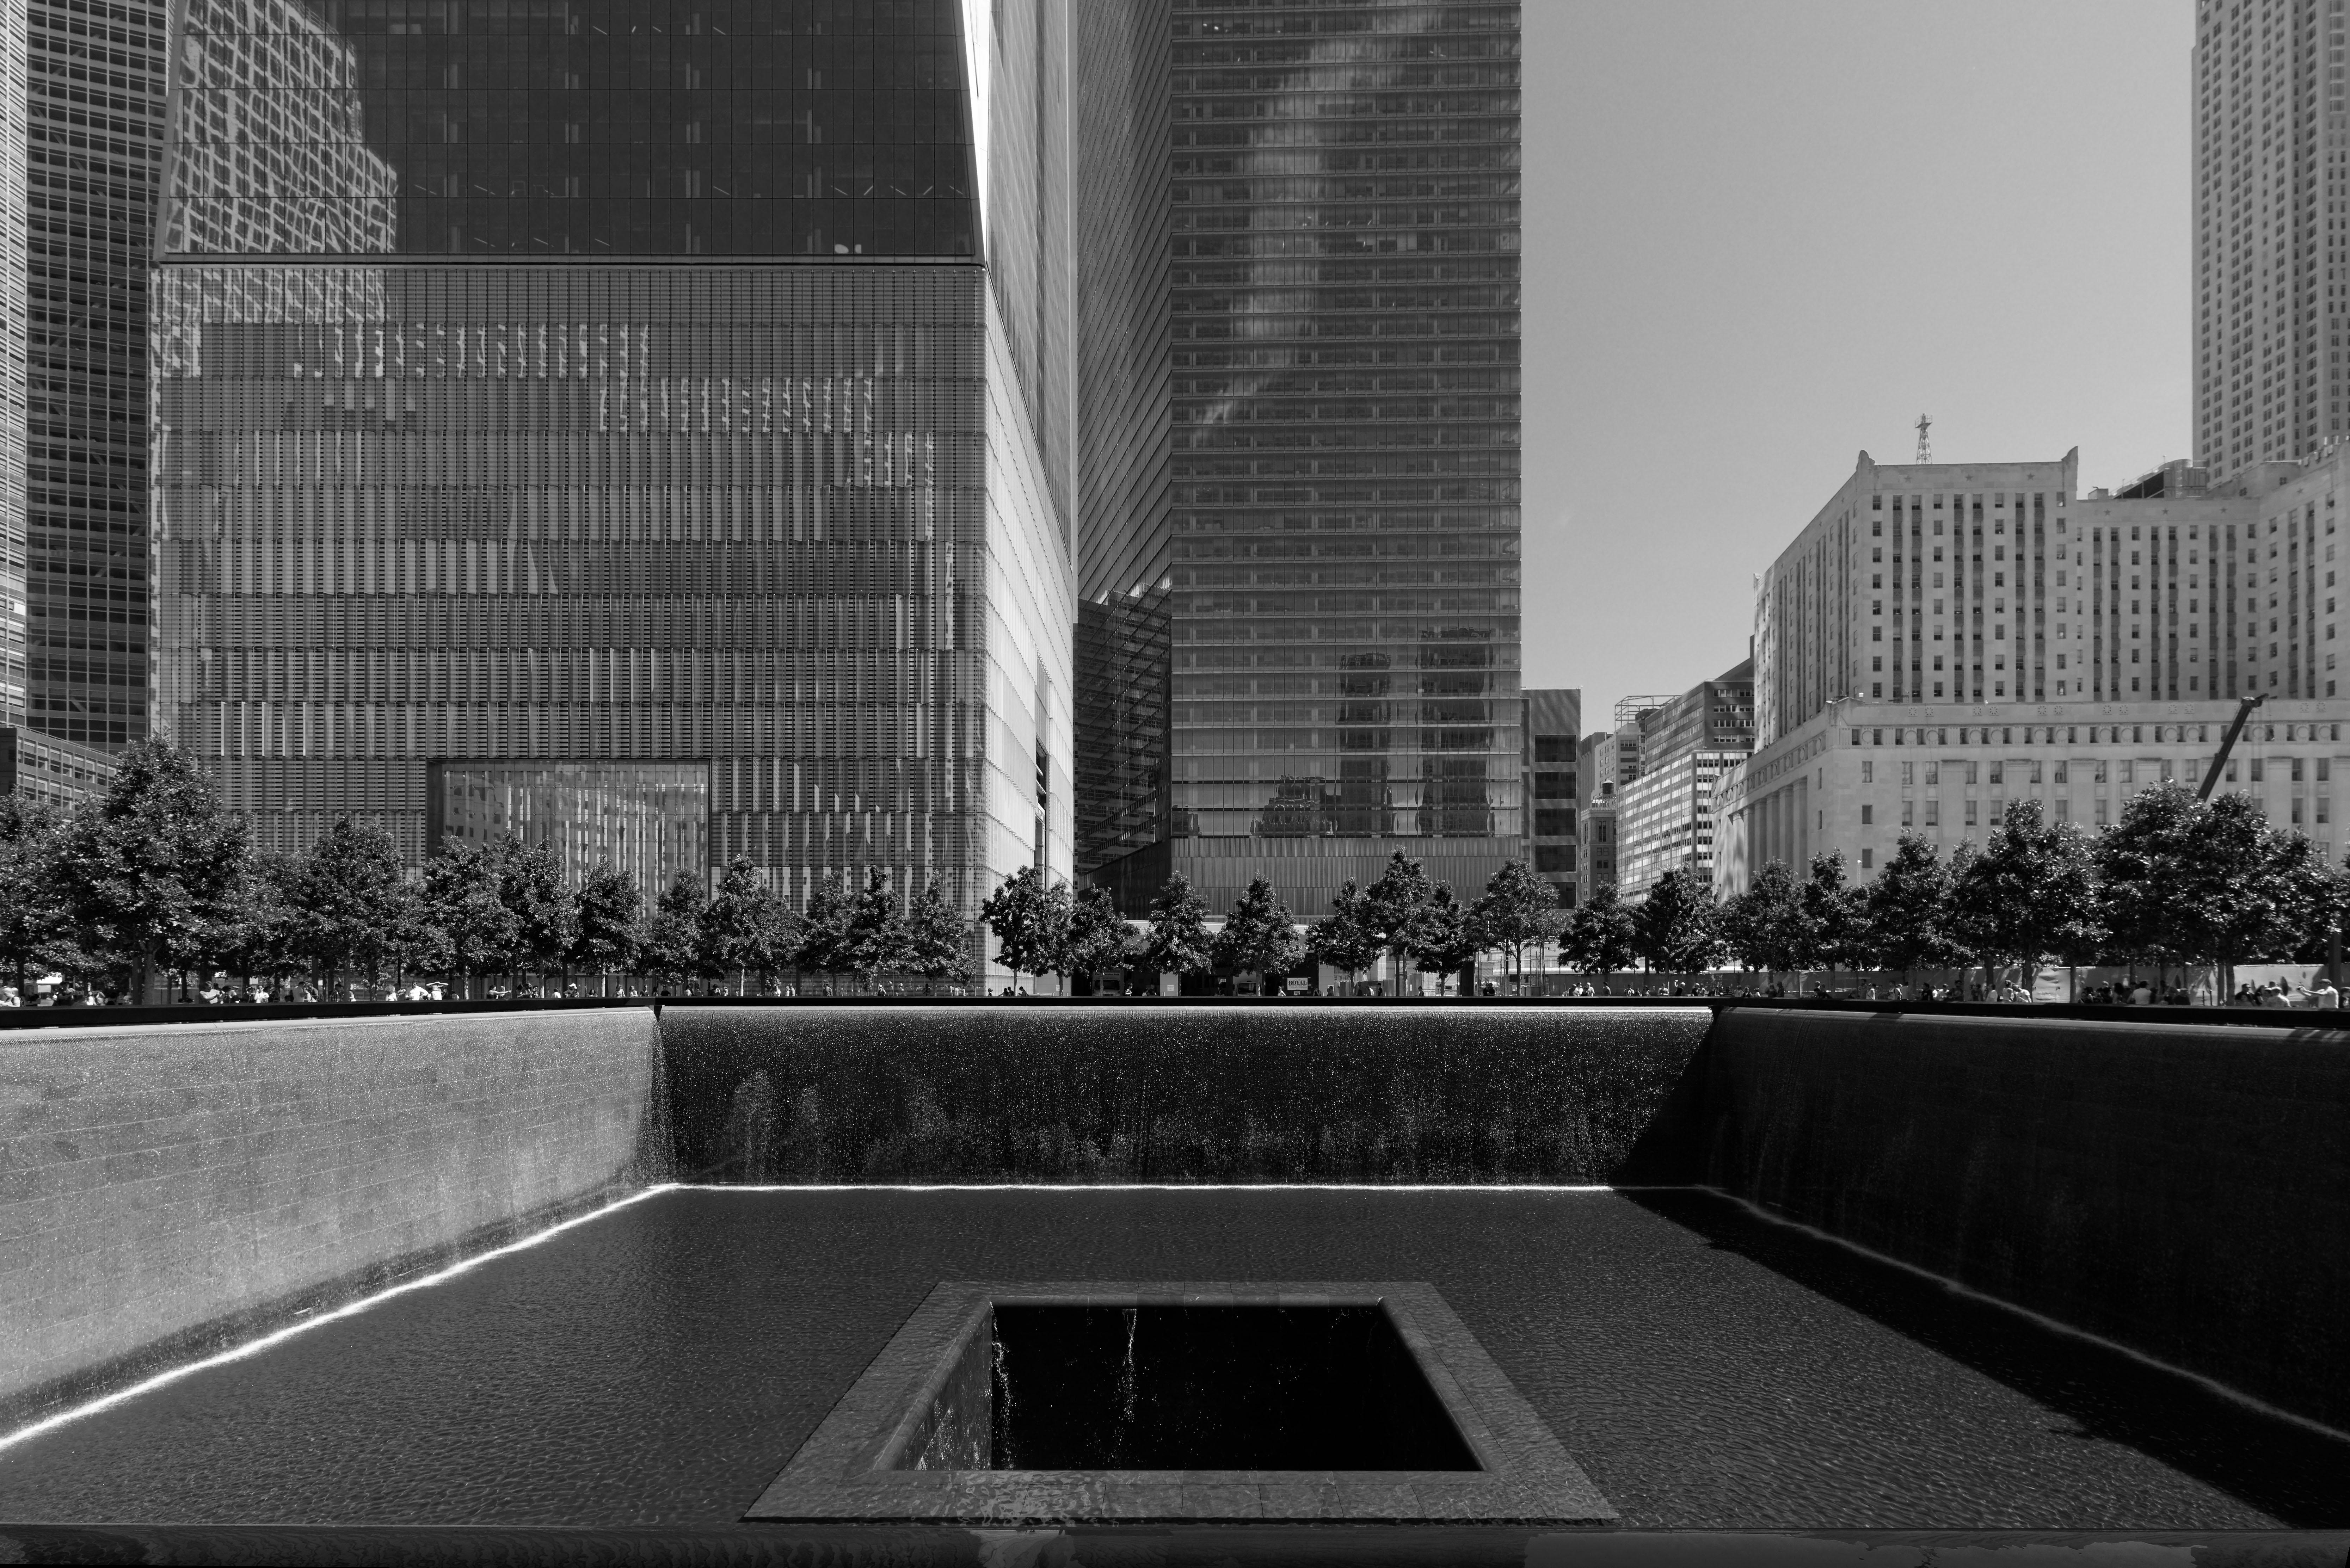 South Pool _ 9/11 Memorial